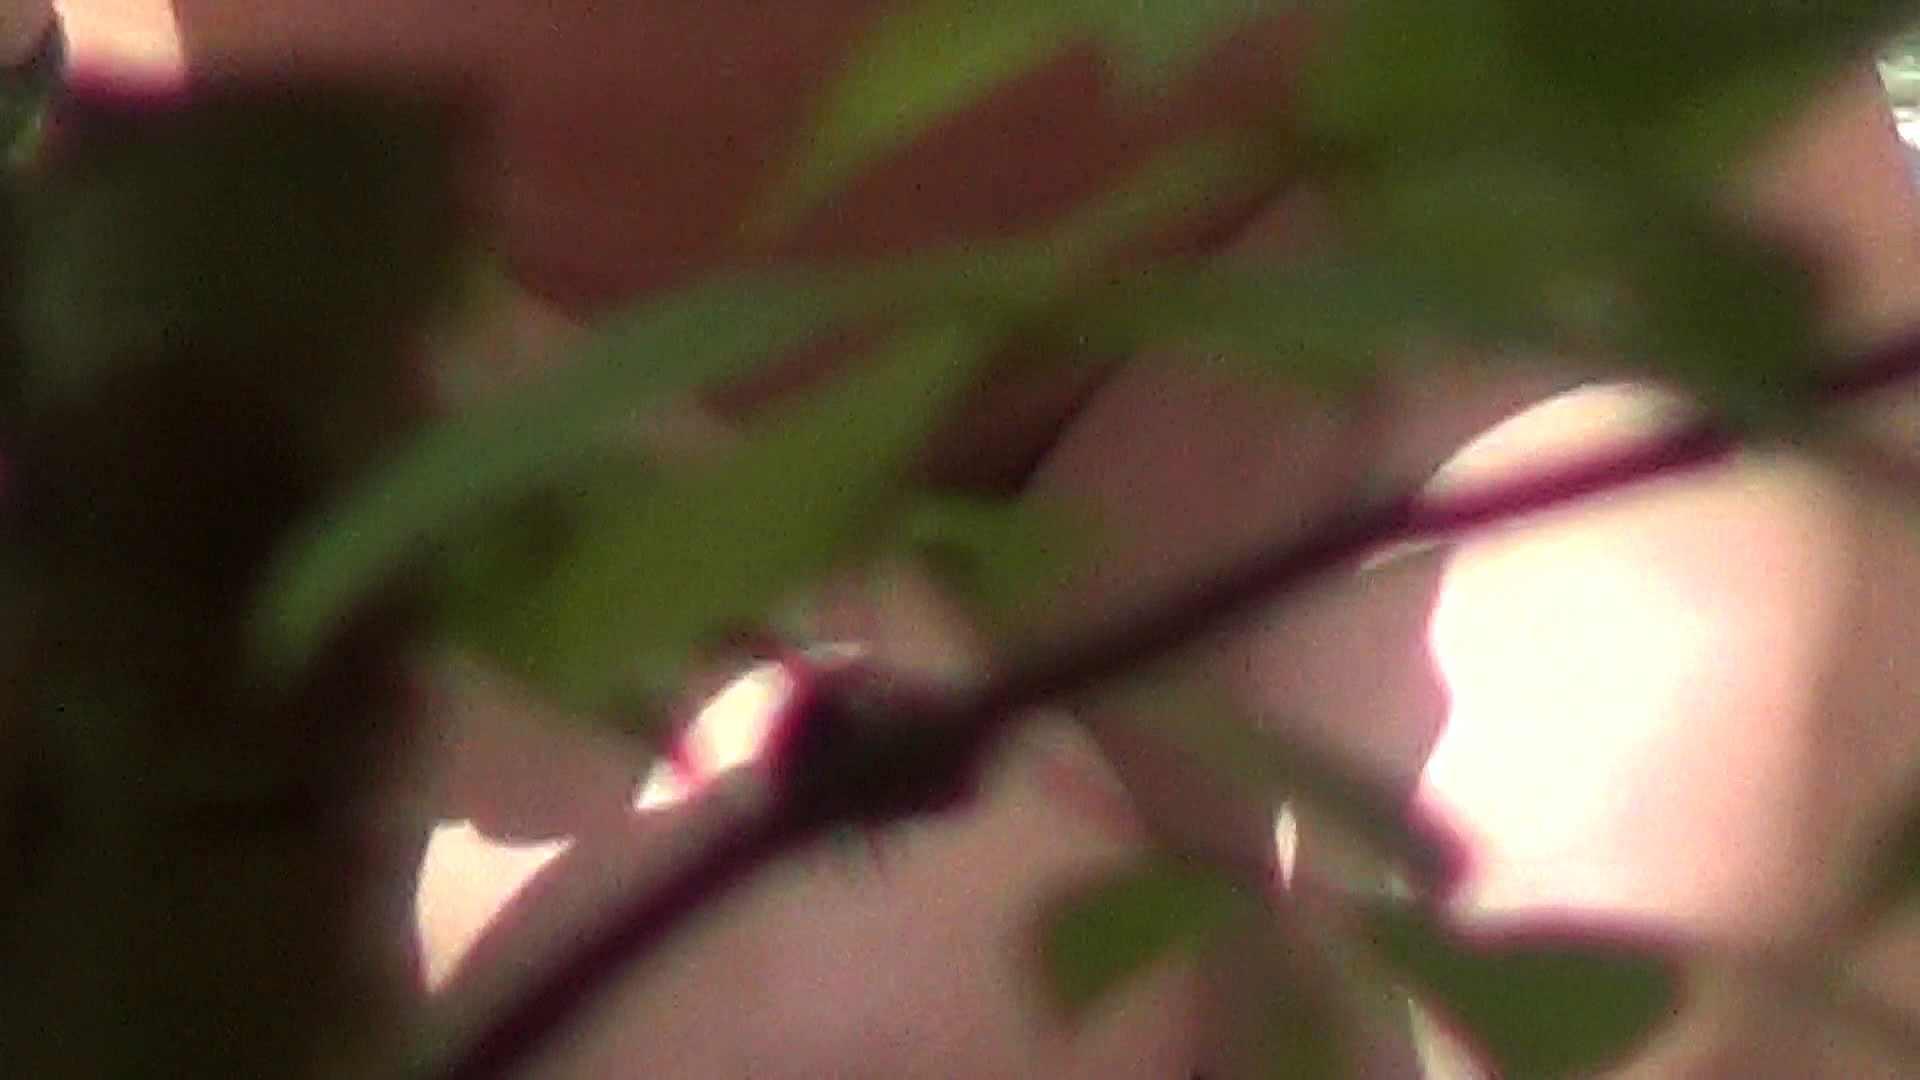 ハイビジョンVol.15 仲良しOL三人組のサービスショット 色っぽいOL達 ヌード画像 95pic 95